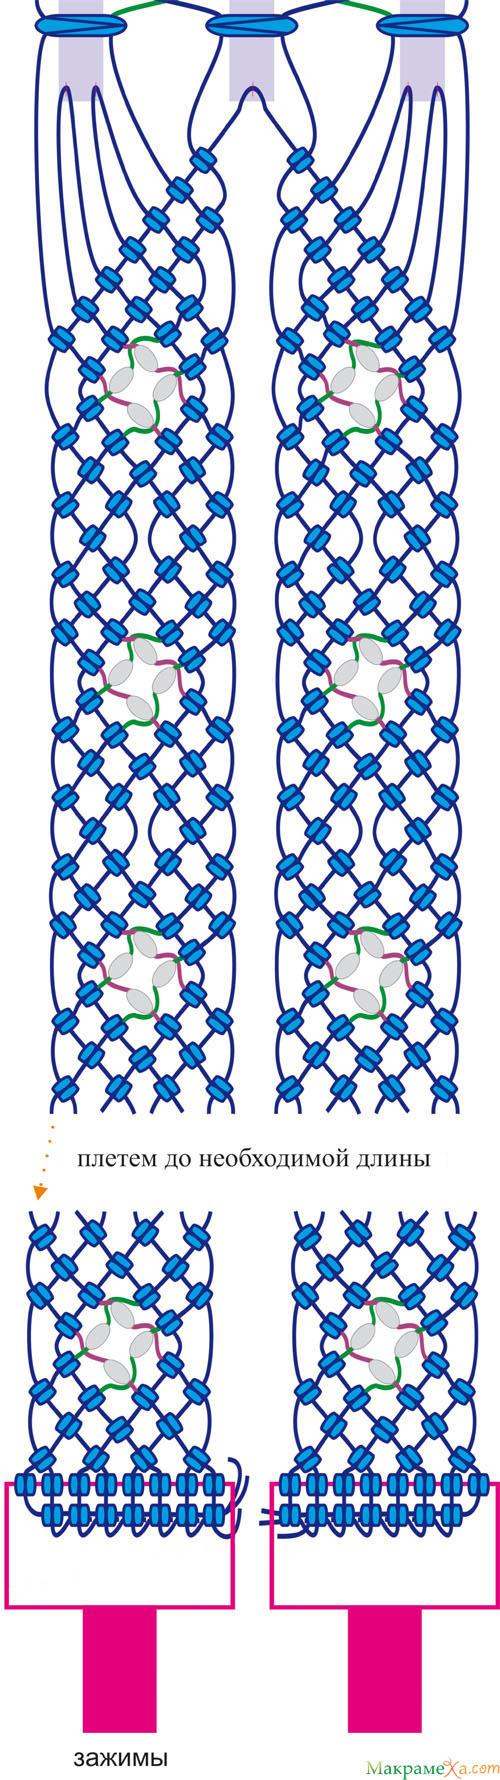 схема плетения макраме пояса